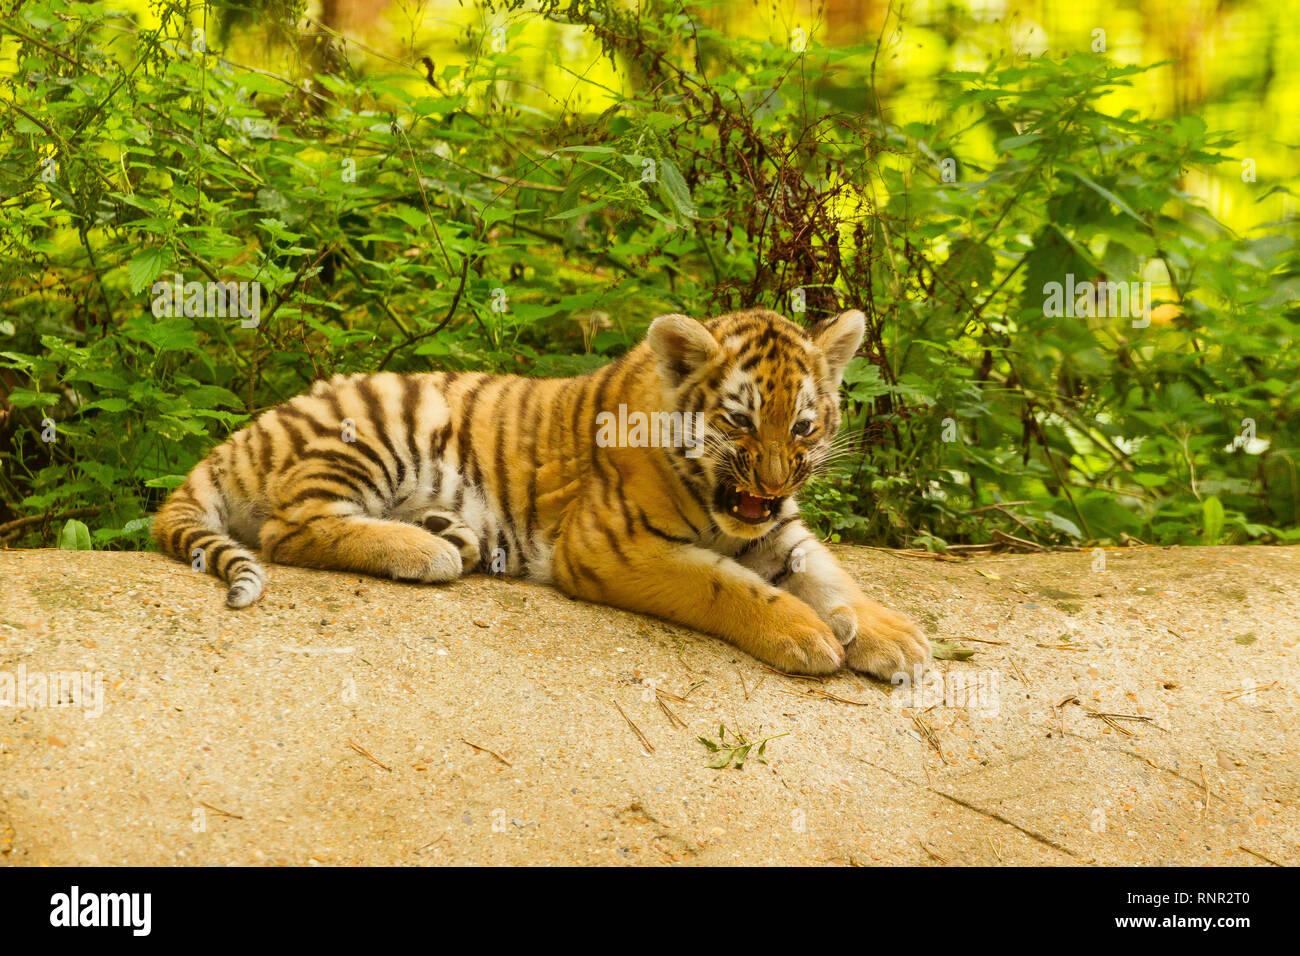 Siberian/Amur Tiger Cub (Panthera Tigris Altaica) Lying Down Snarling - Stock Image